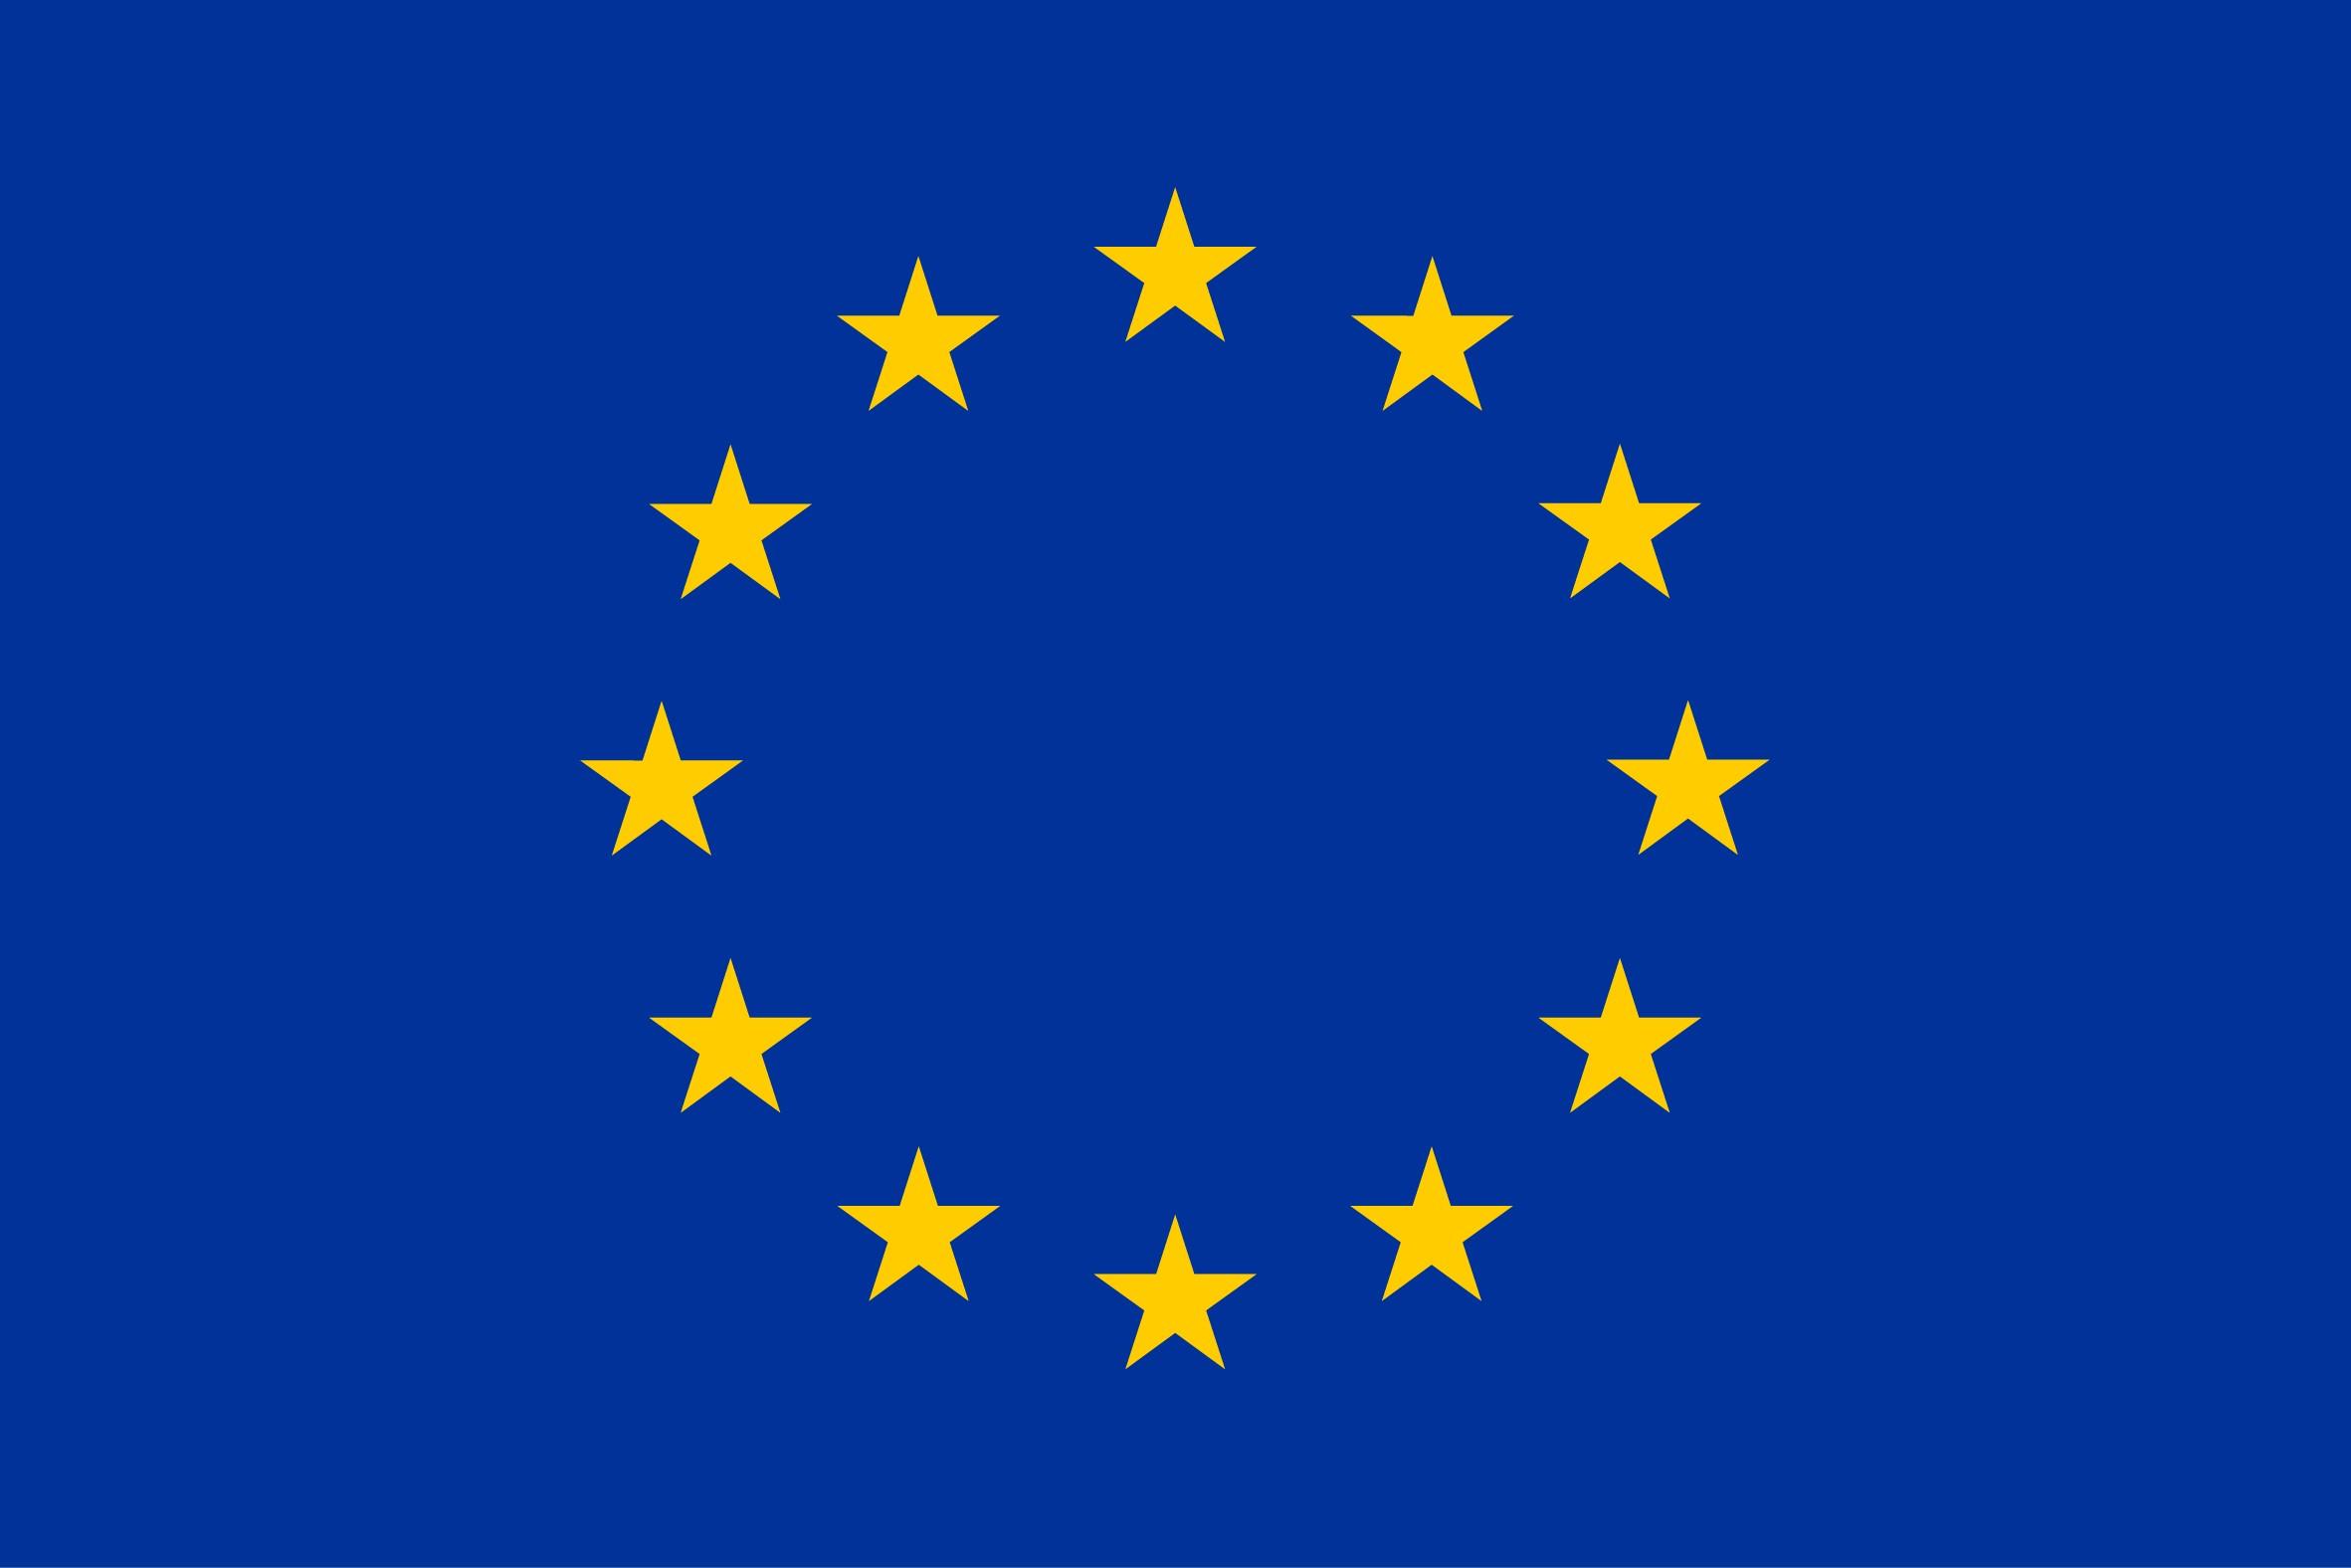 static/images/EU-flag (copy).jpg